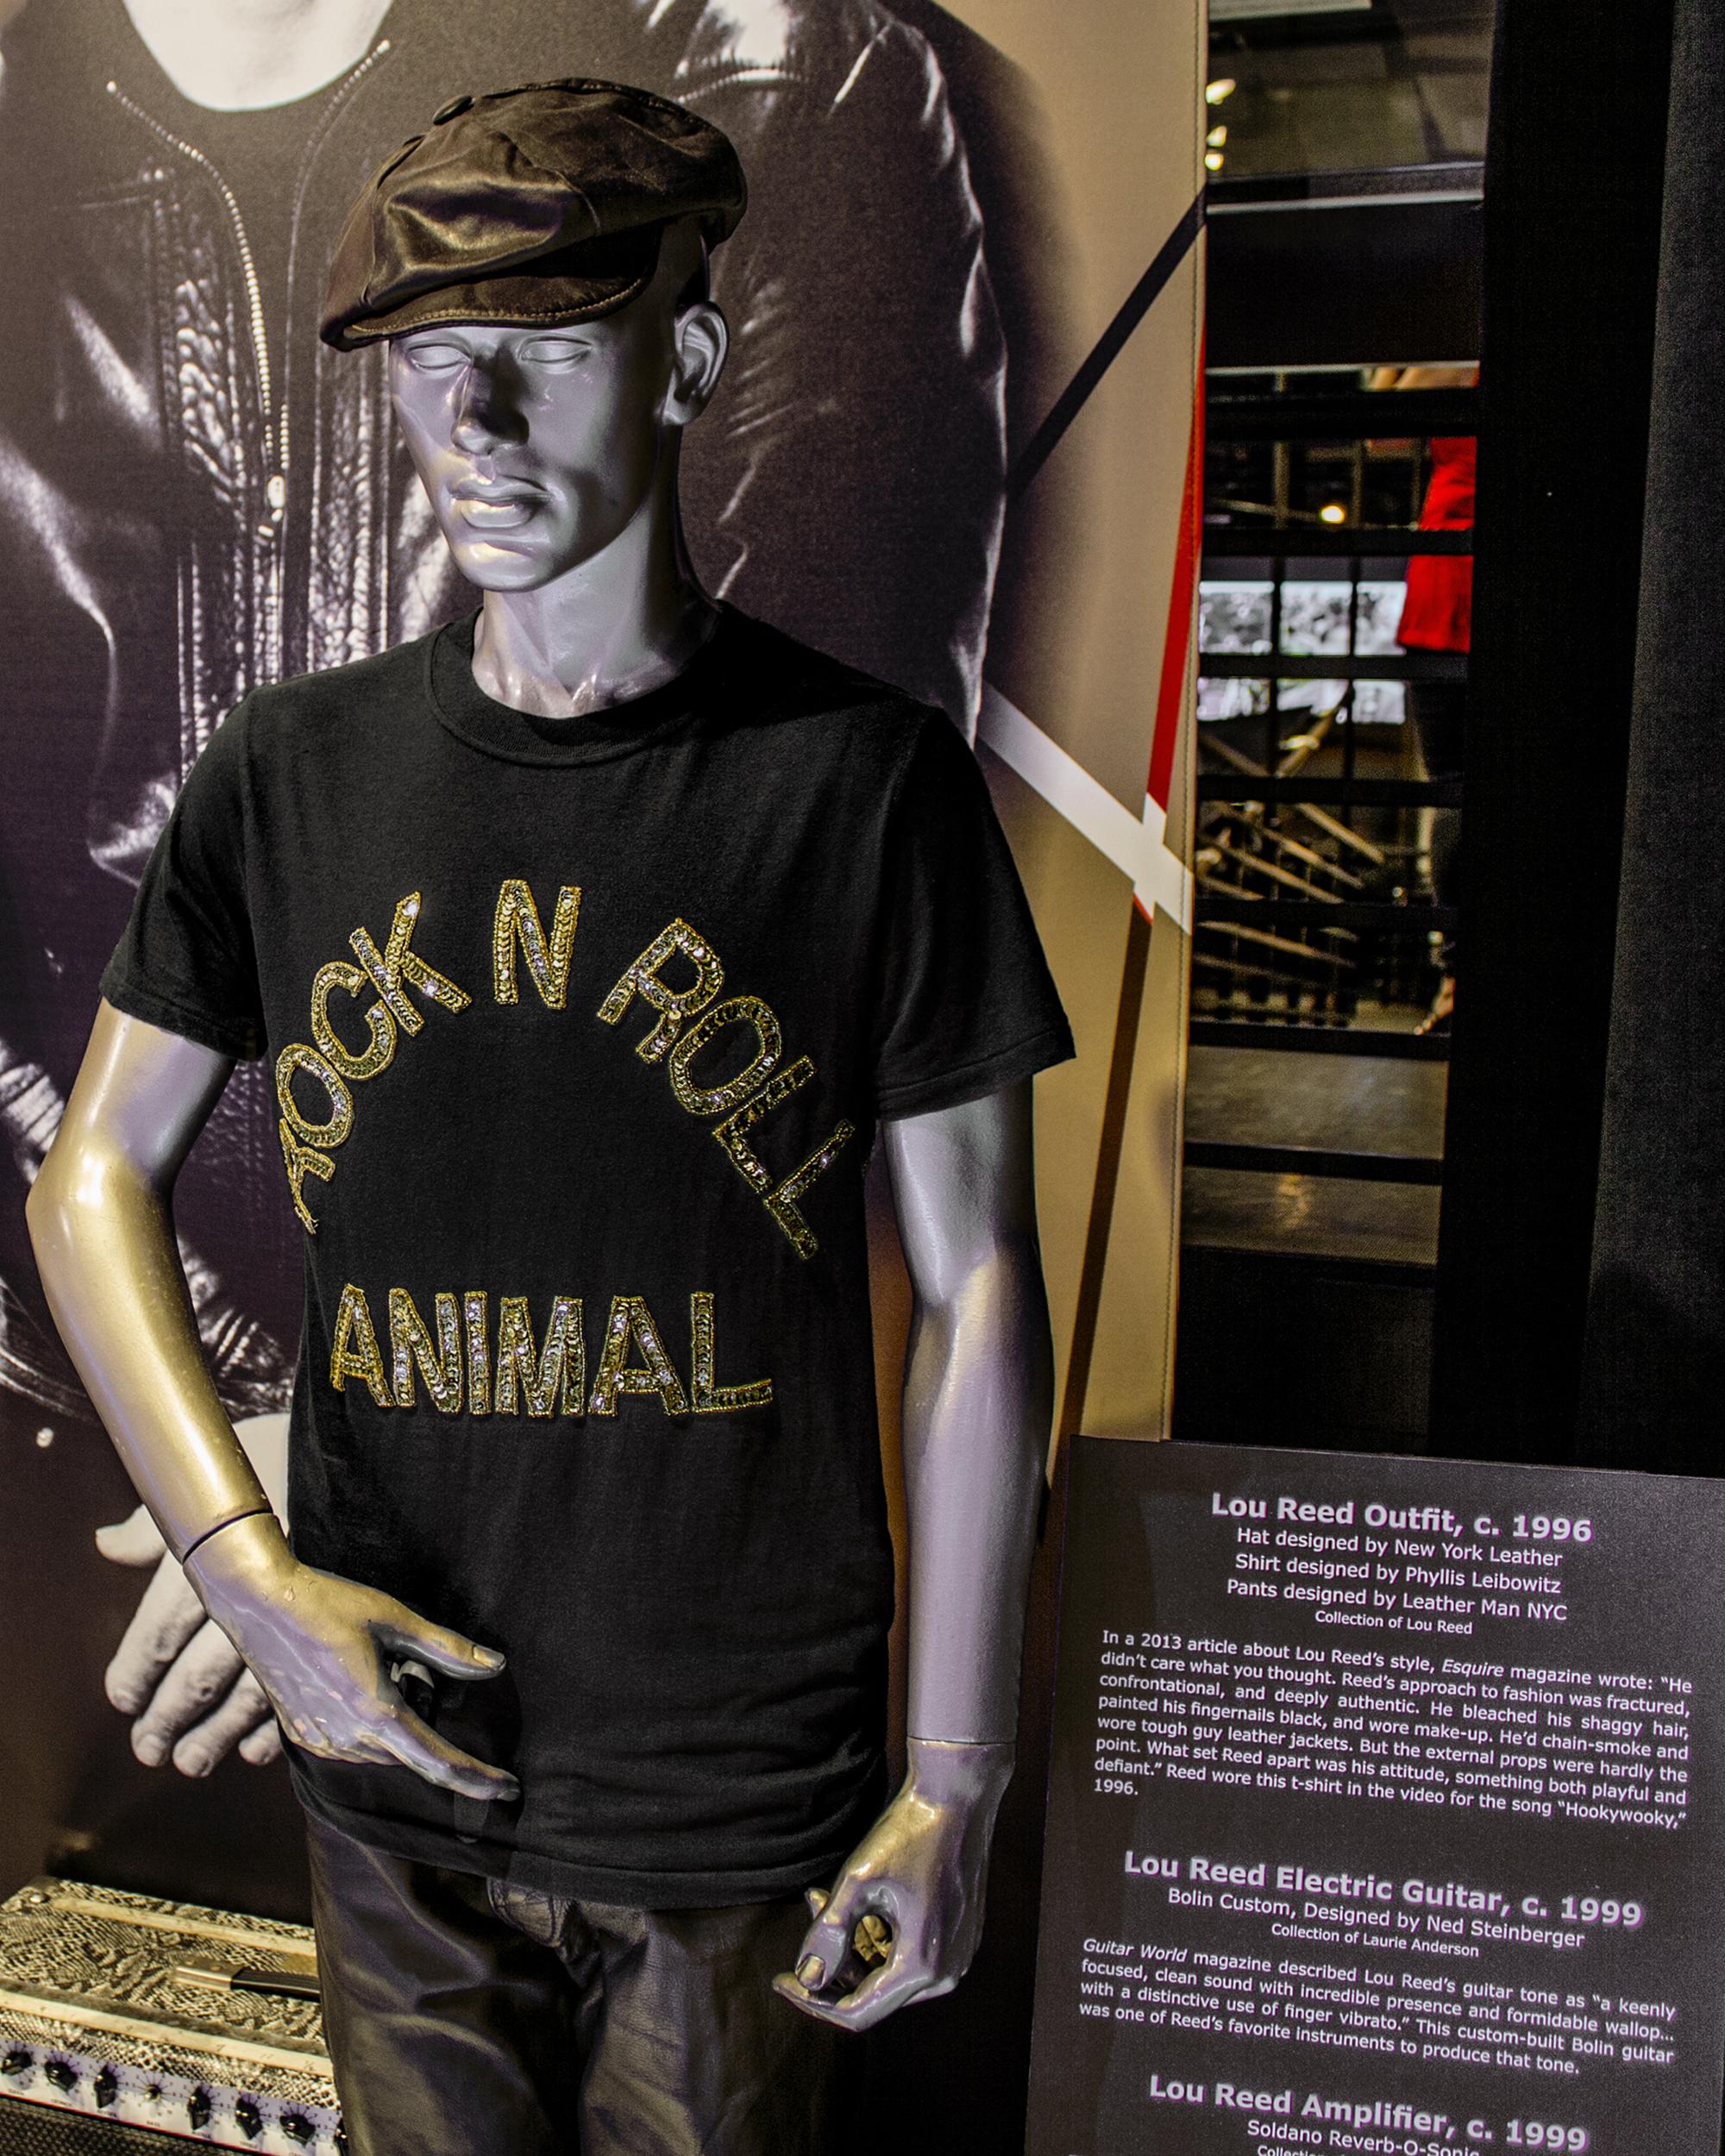 Lou Reed Exhibit.jpg